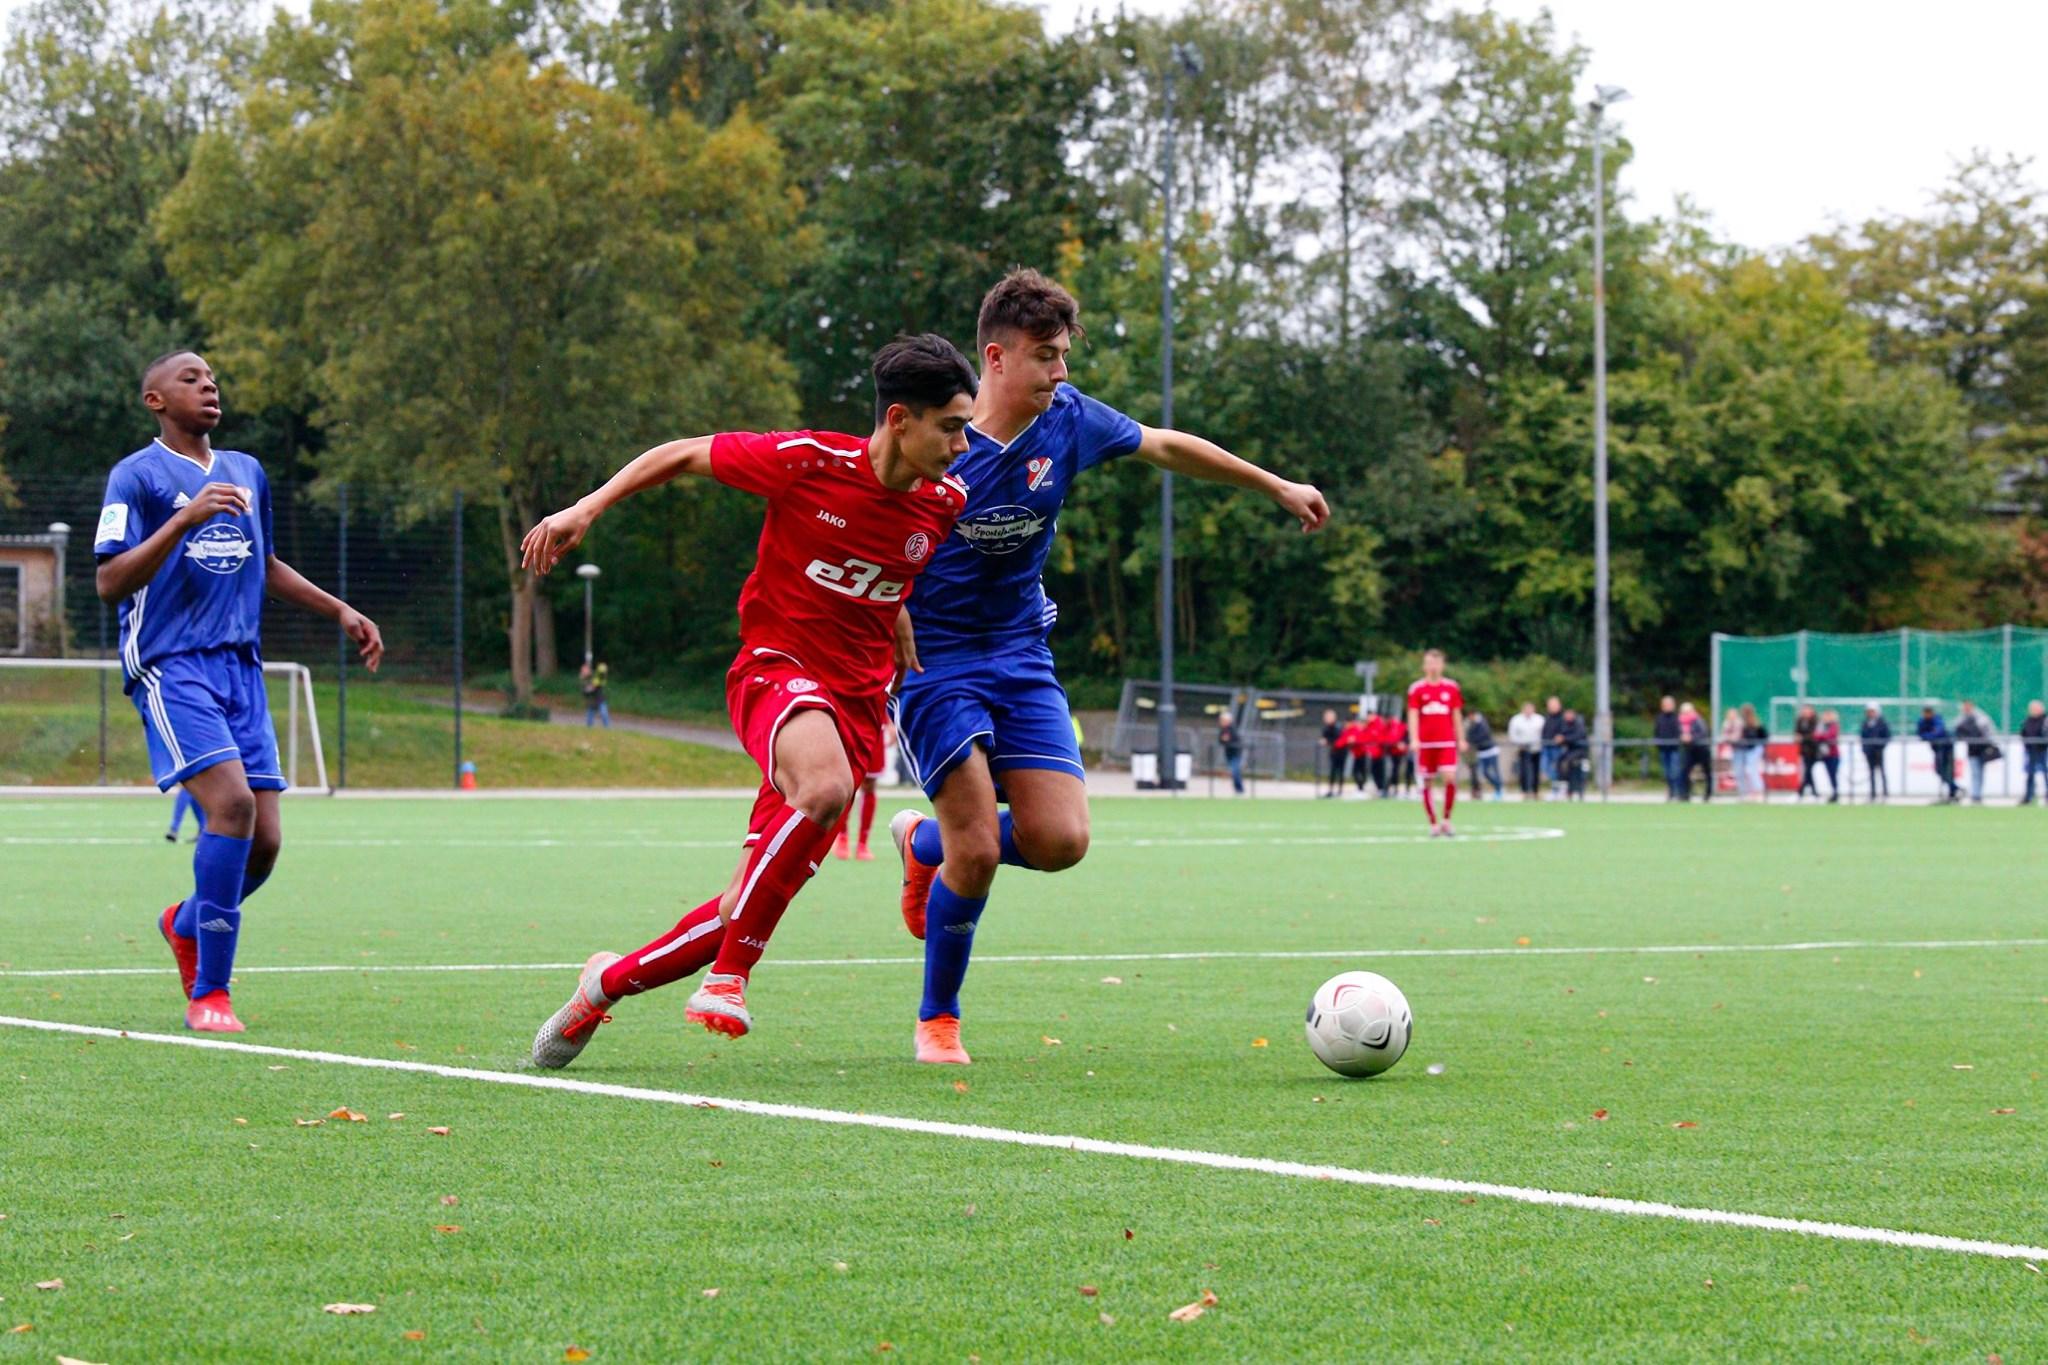 Auch in Hilden will die U17 siegreich bleiben (Foto: Breilmannswiese)